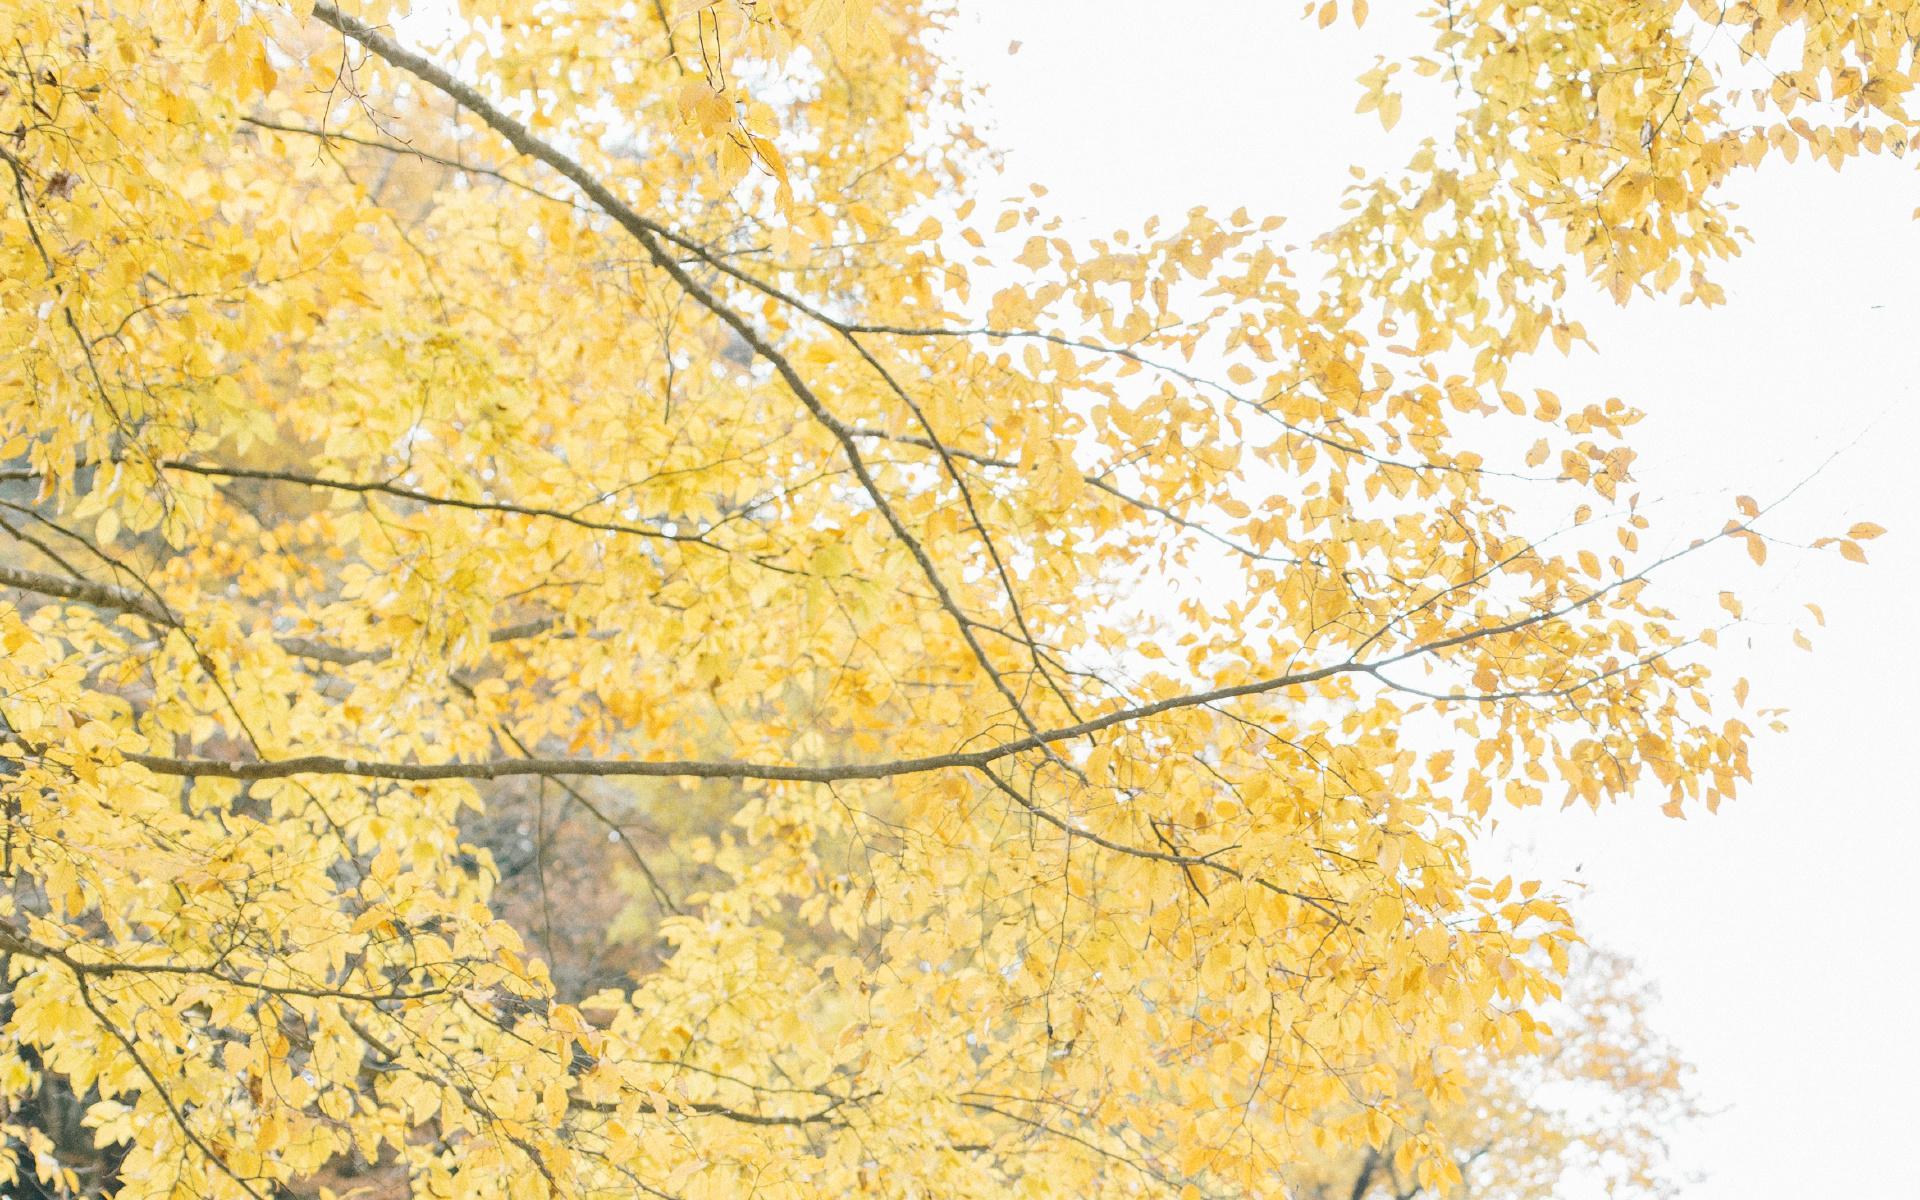 初秋優美自然風景高清圖片桌面壁紙